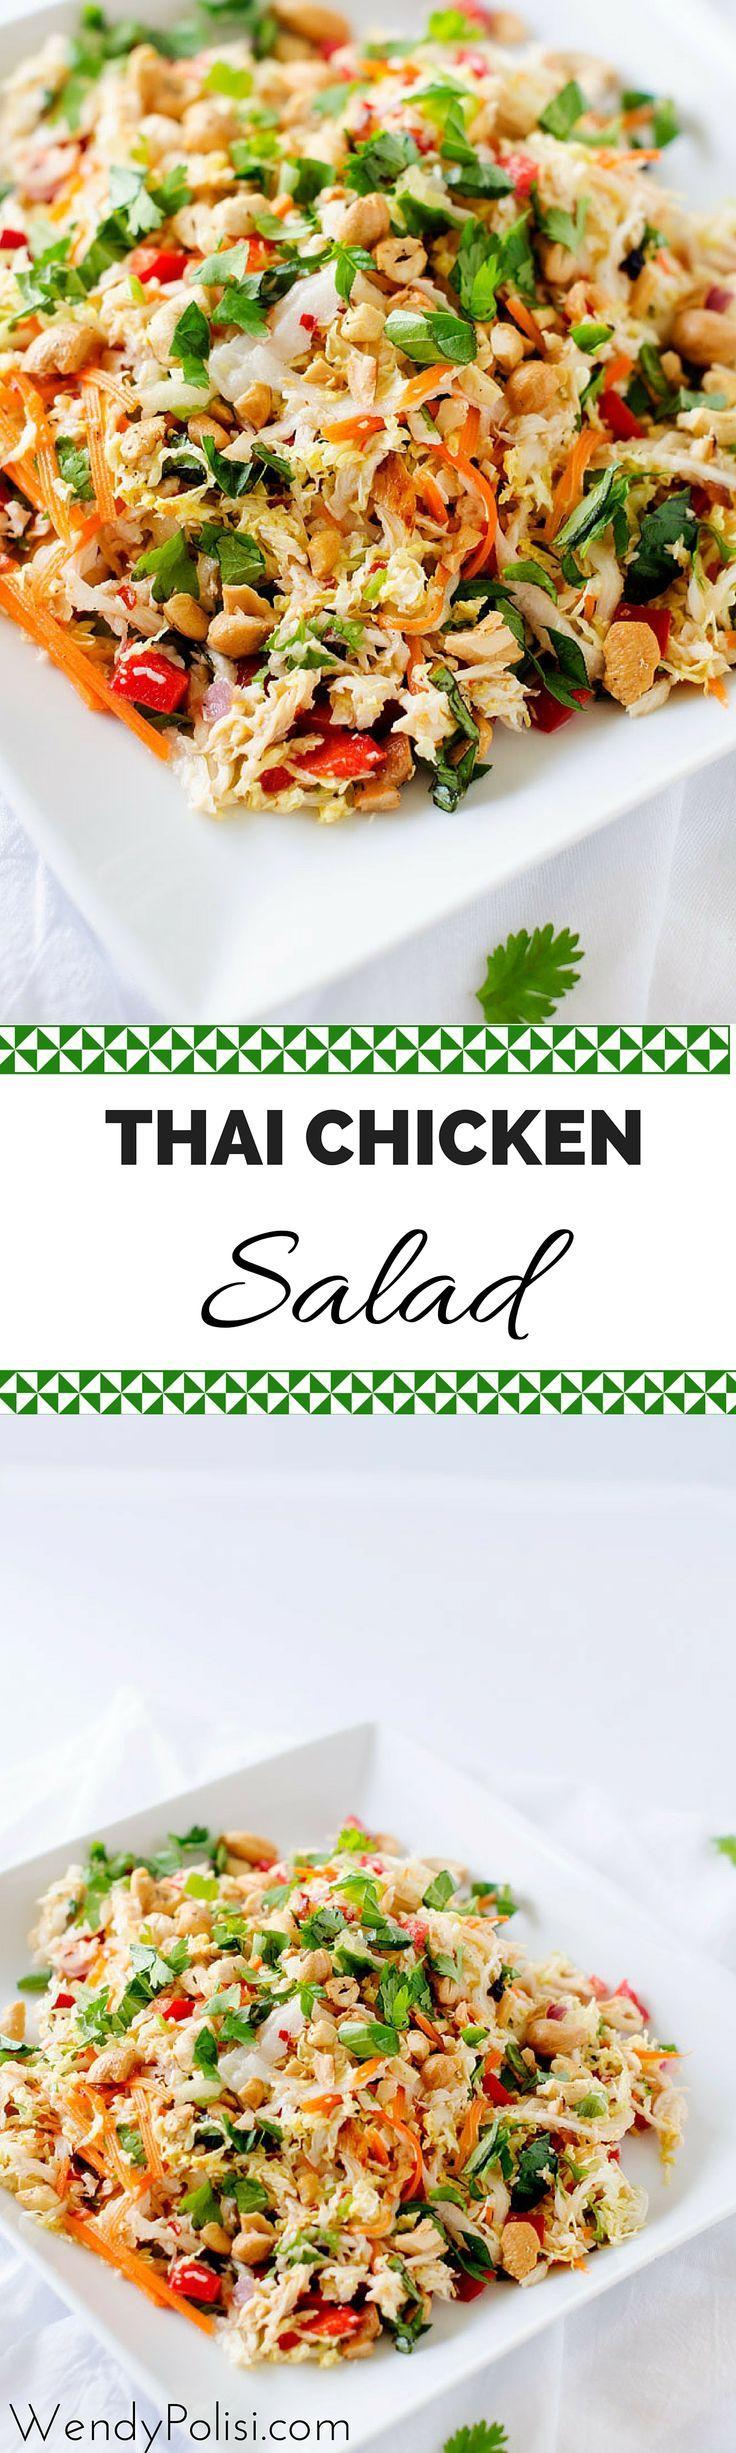 Thai Chicken Salad - WendyPolisi.com